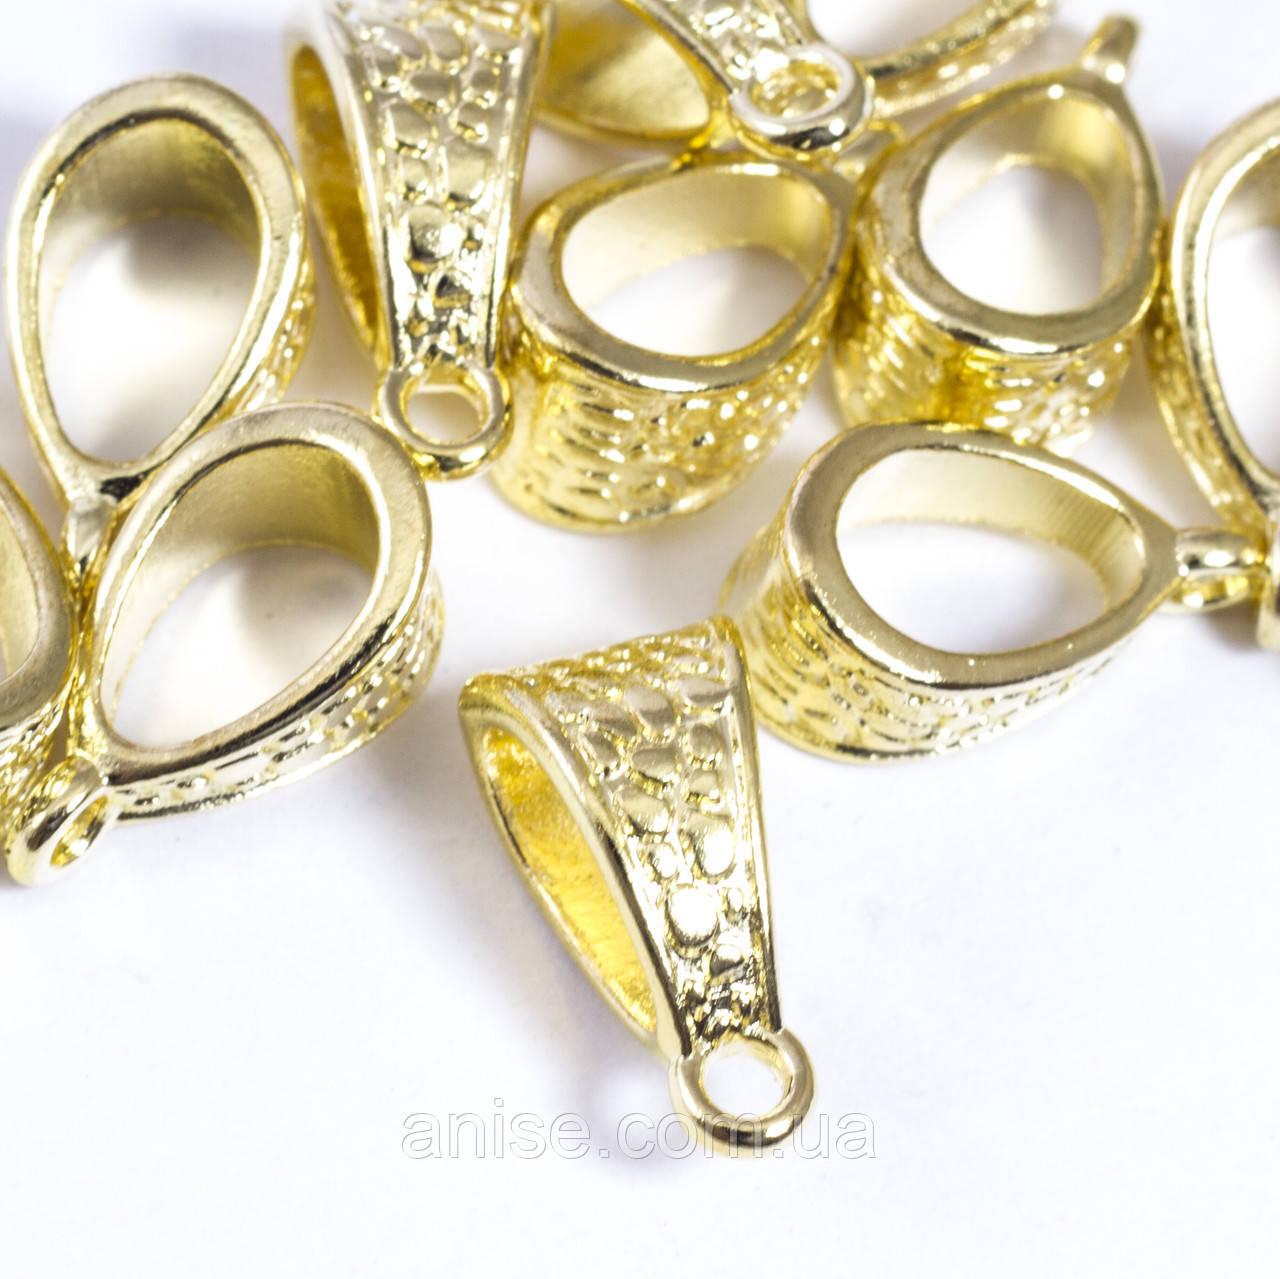 Бейл Металлический, Тибетский Стиль, Треугольный, Цвет: Золото, Размер: 14.5х7.5х8.5мм, Отверстие 2мм, (УТ0029